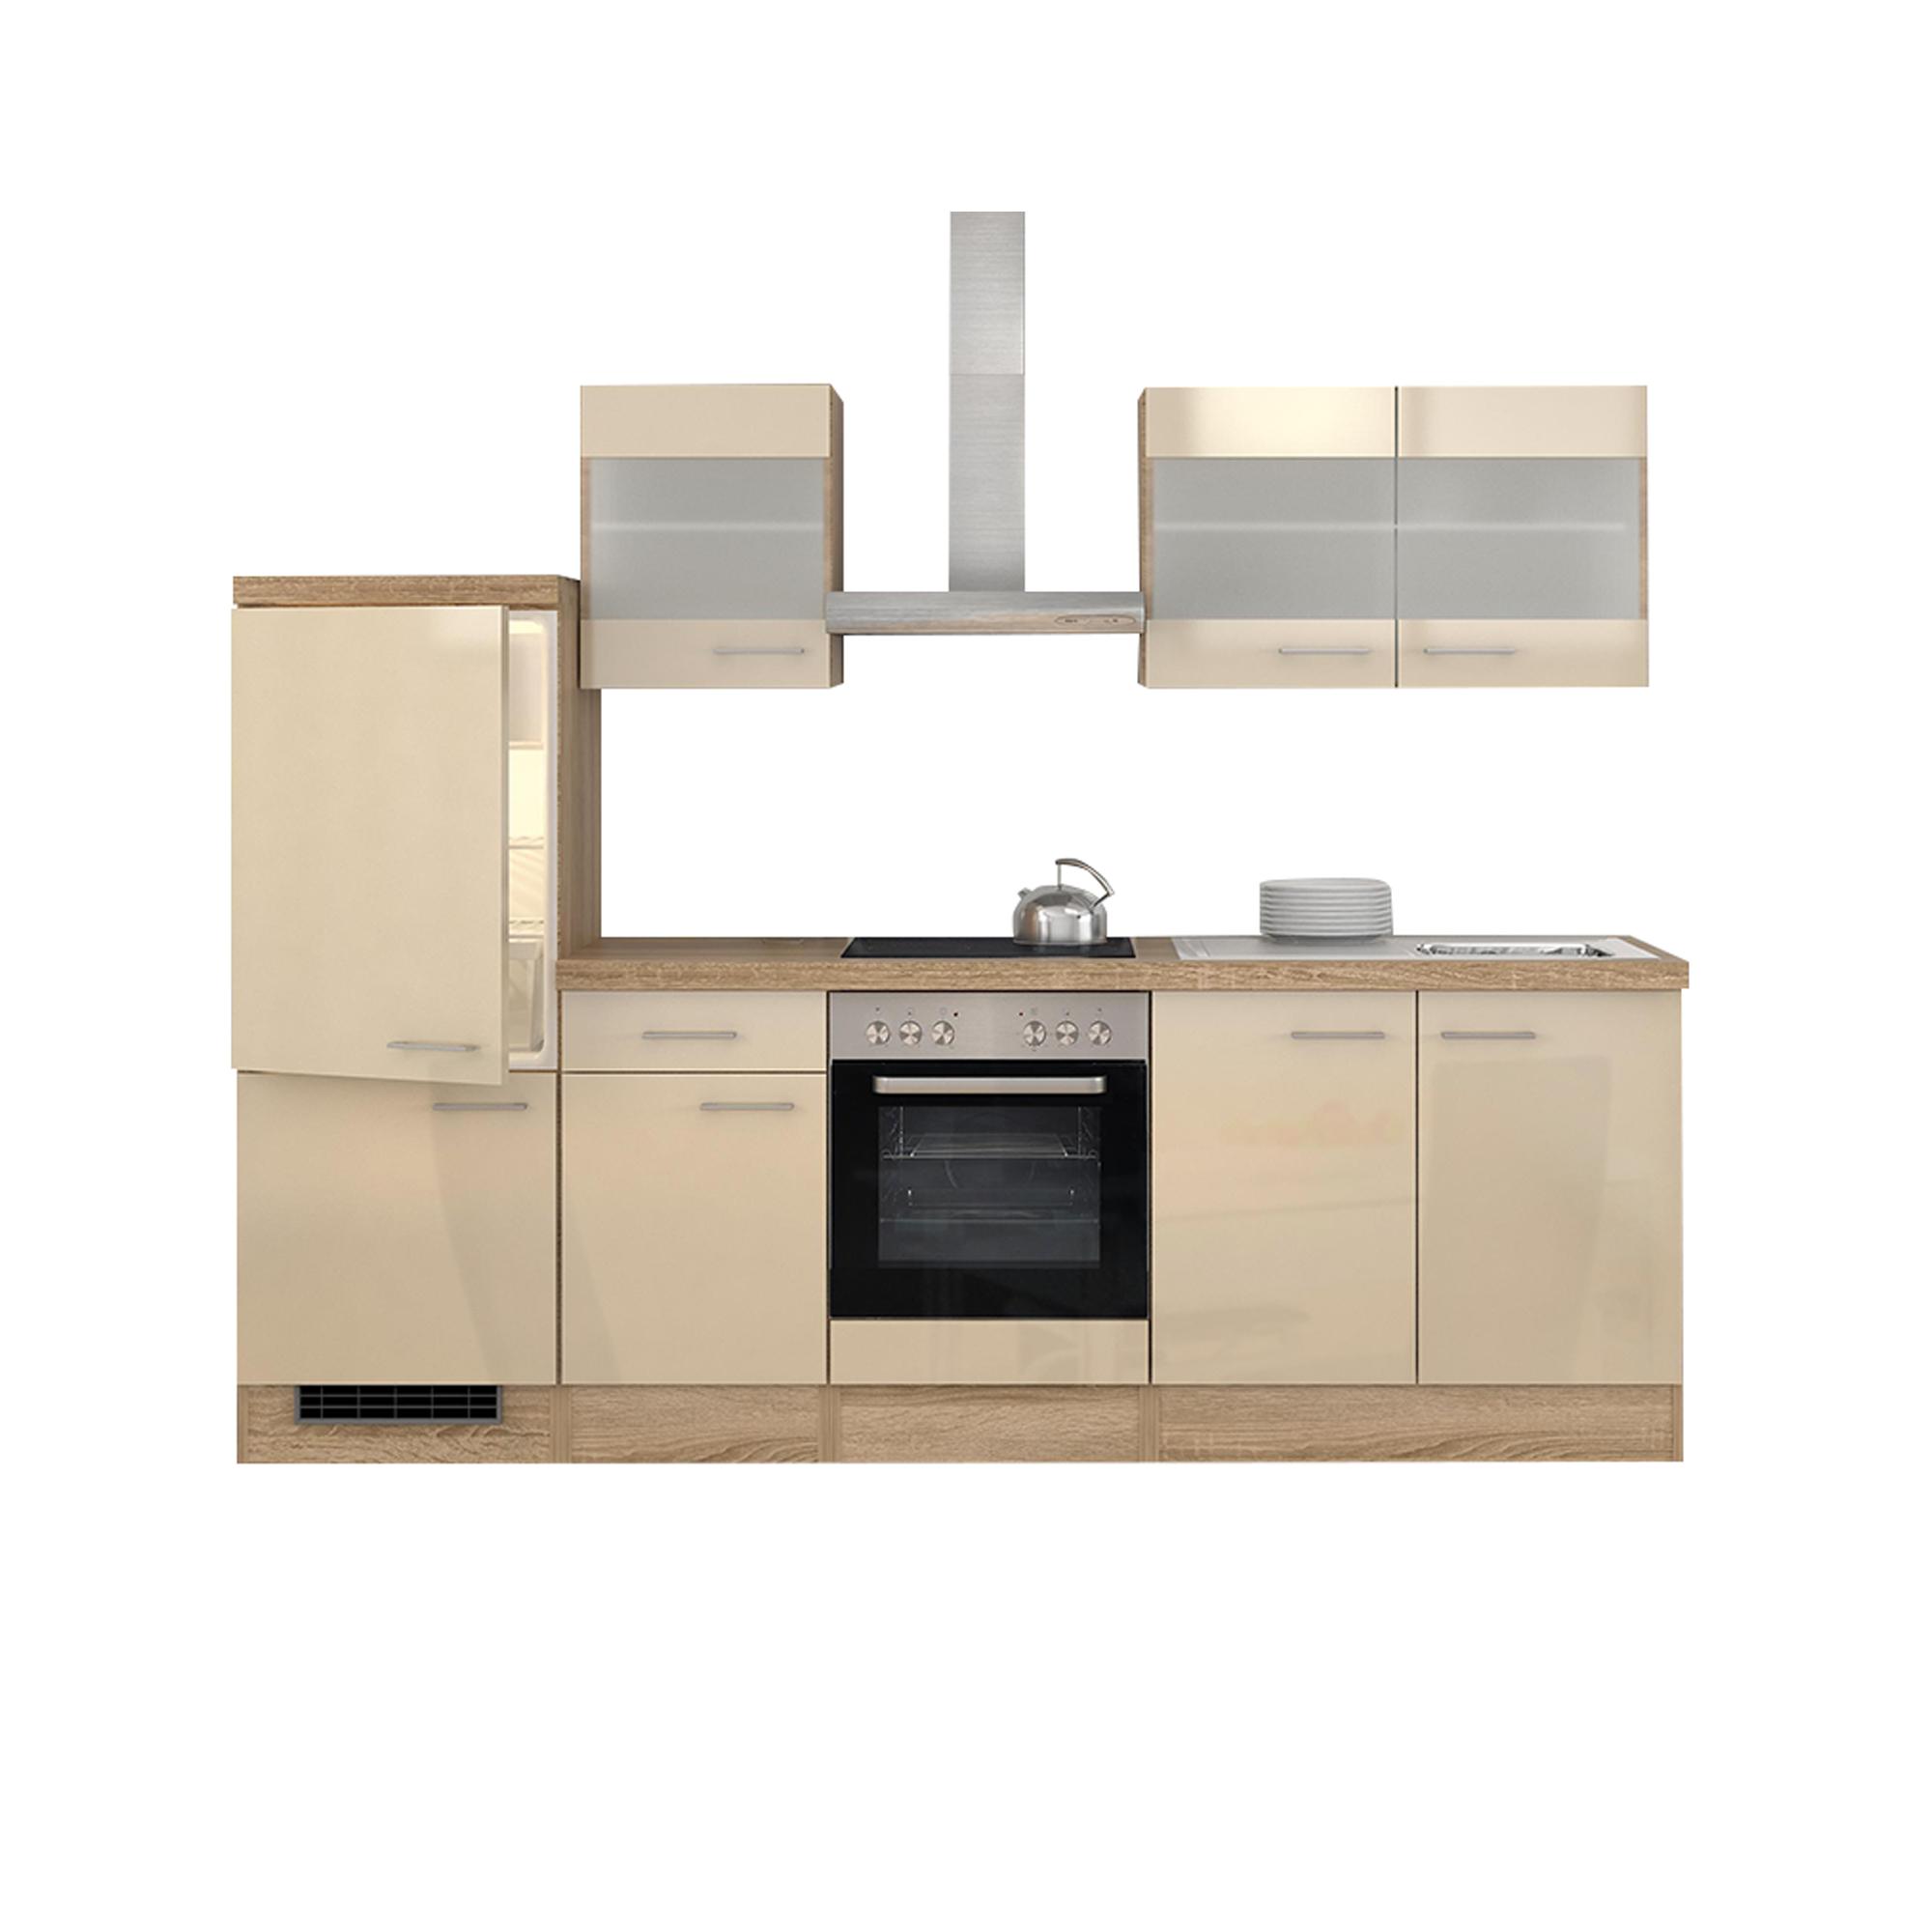 k chenzeile nepal mit midiumbau und ger ten 12 teilig breite 270 cm creme k che k chenzeilen. Black Bedroom Furniture Sets. Home Design Ideas